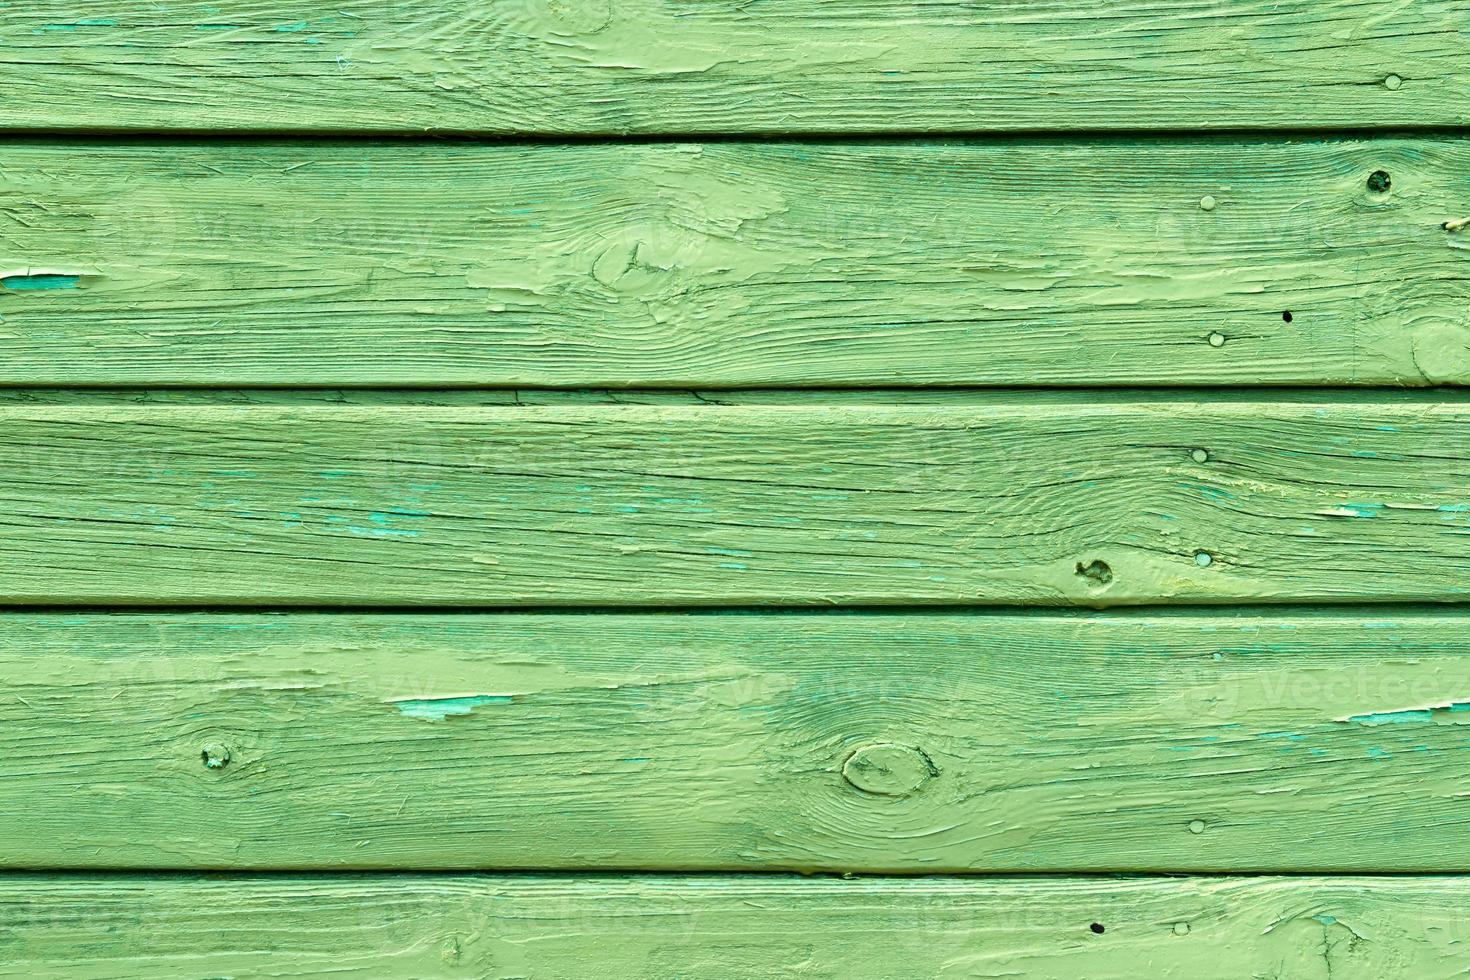 la textura de madera verde con patrones naturales foto